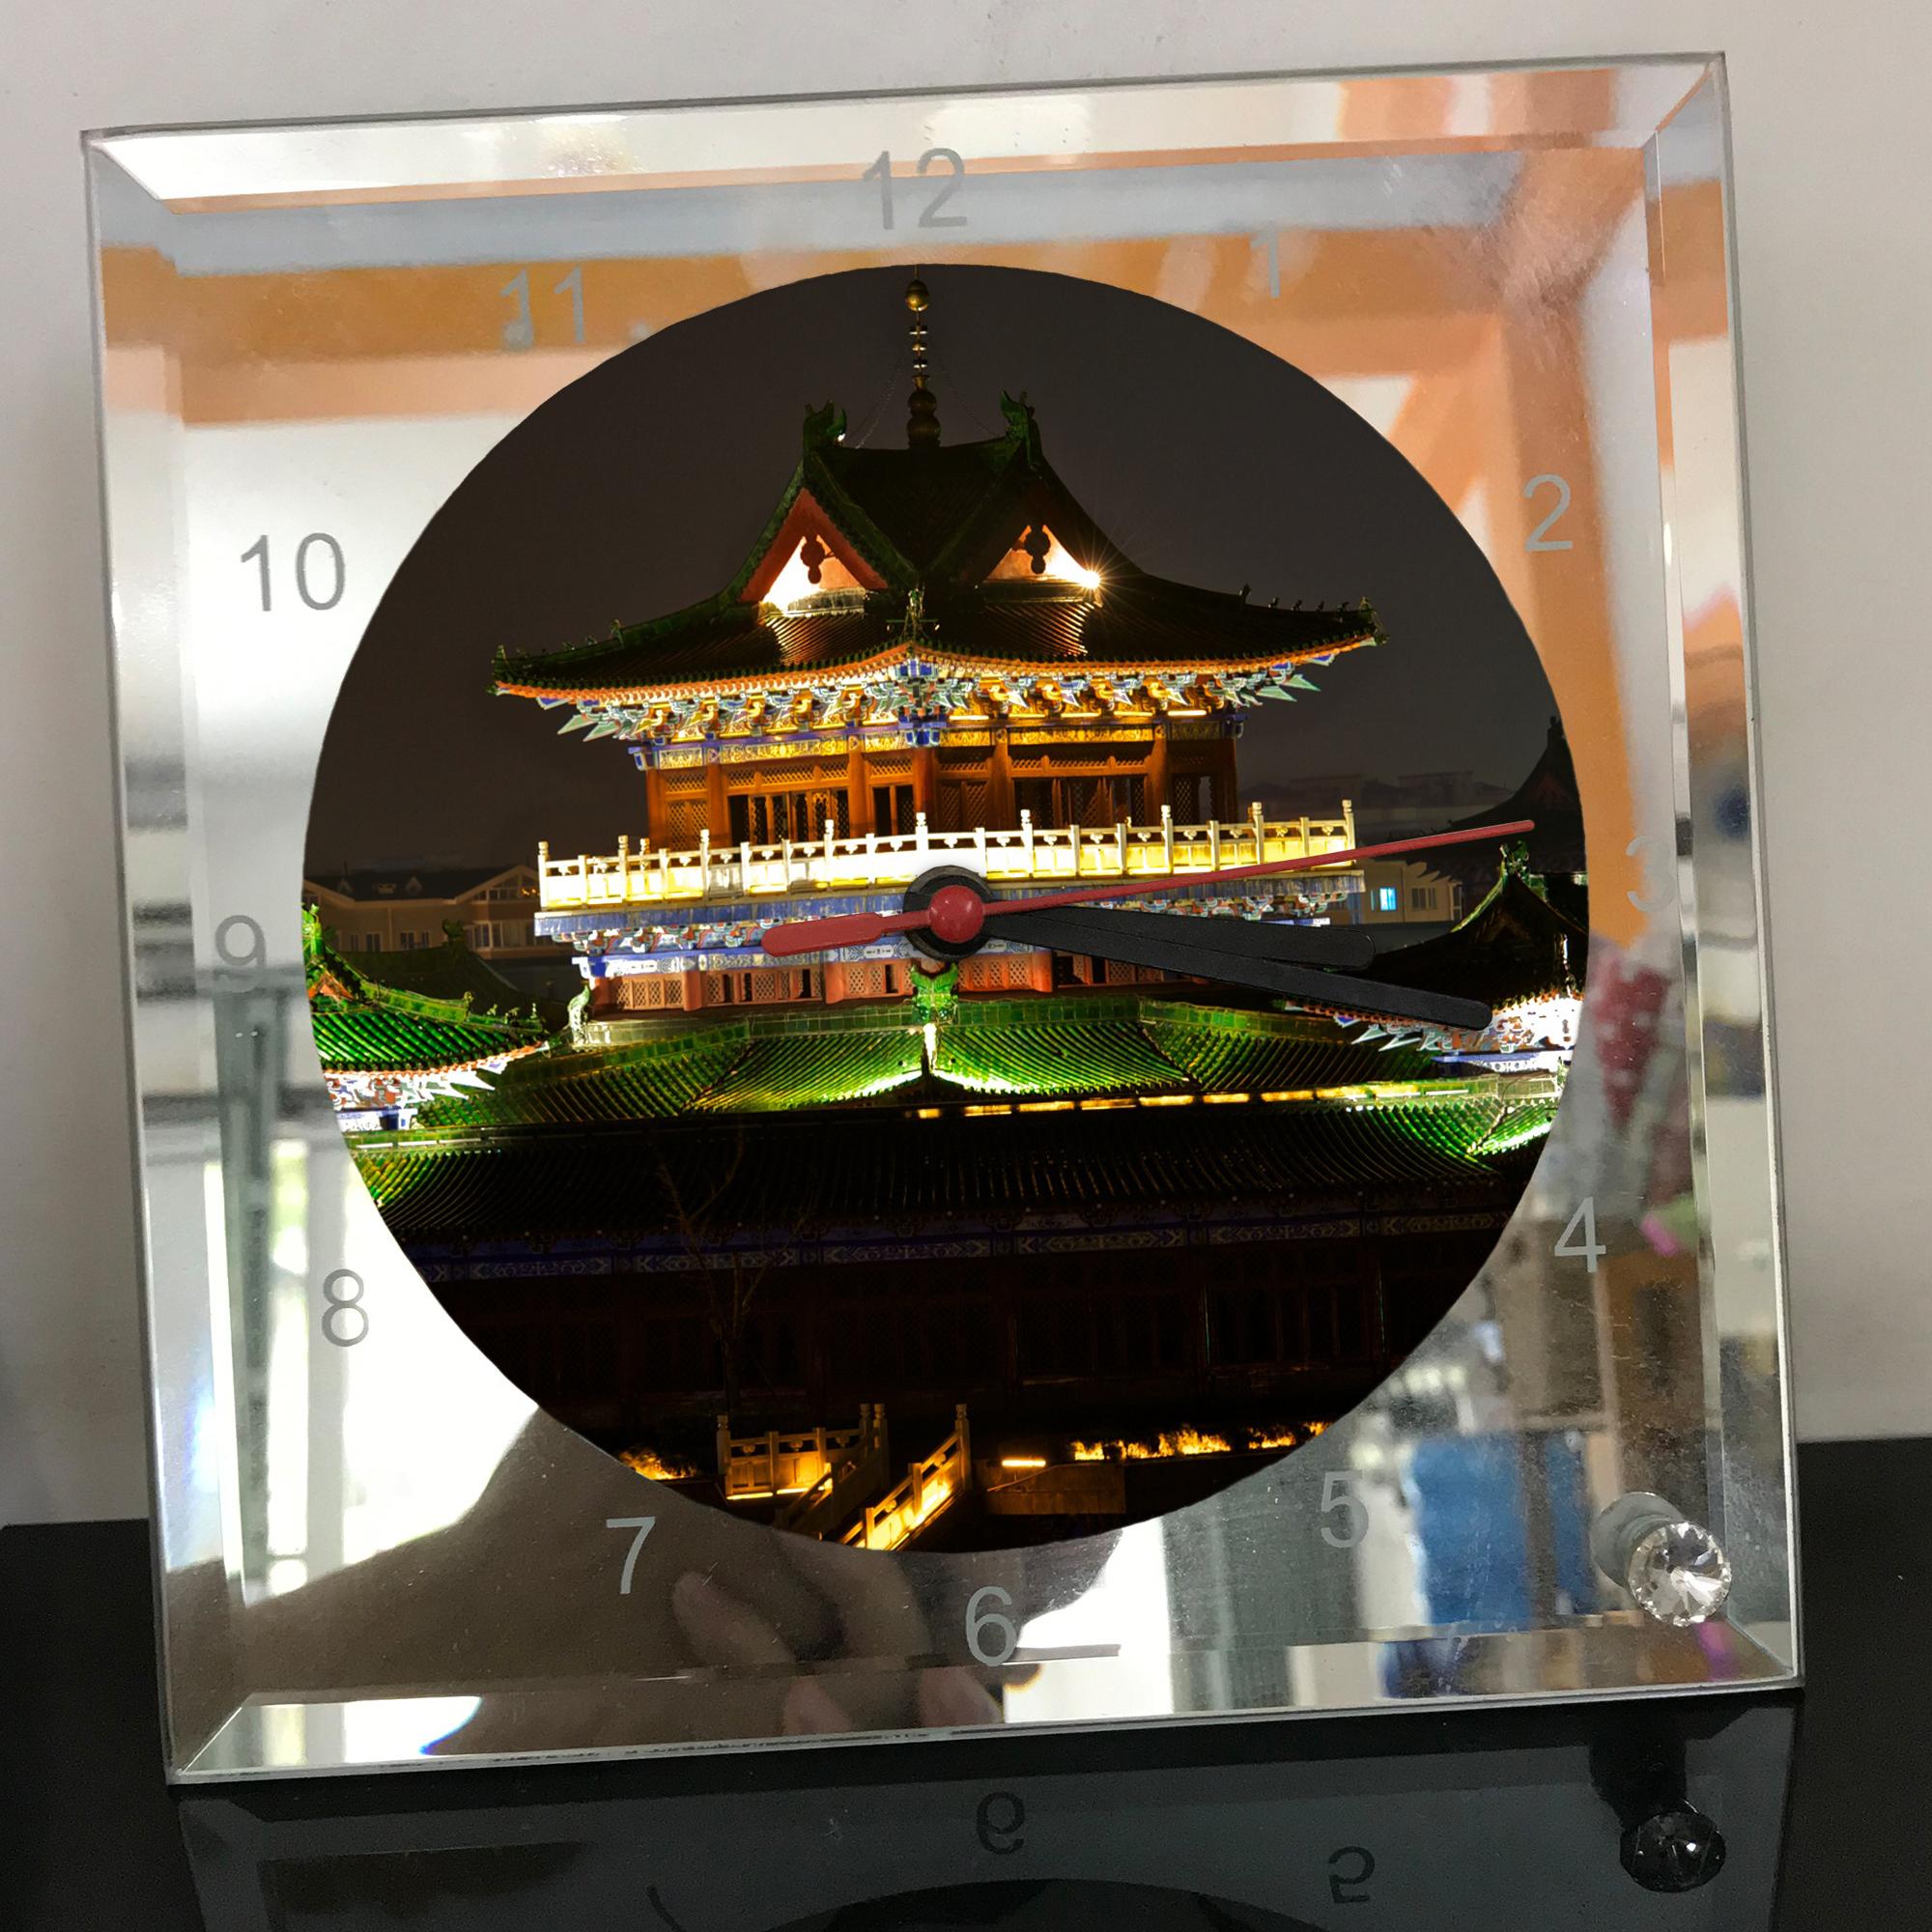 Đồng hồ thủy tinh vuông 20x20 in hình Temple - đền thờ (52) . Đồng hồ thủy tinh để bàn trang trí đẹp chủ đề tôn giáo